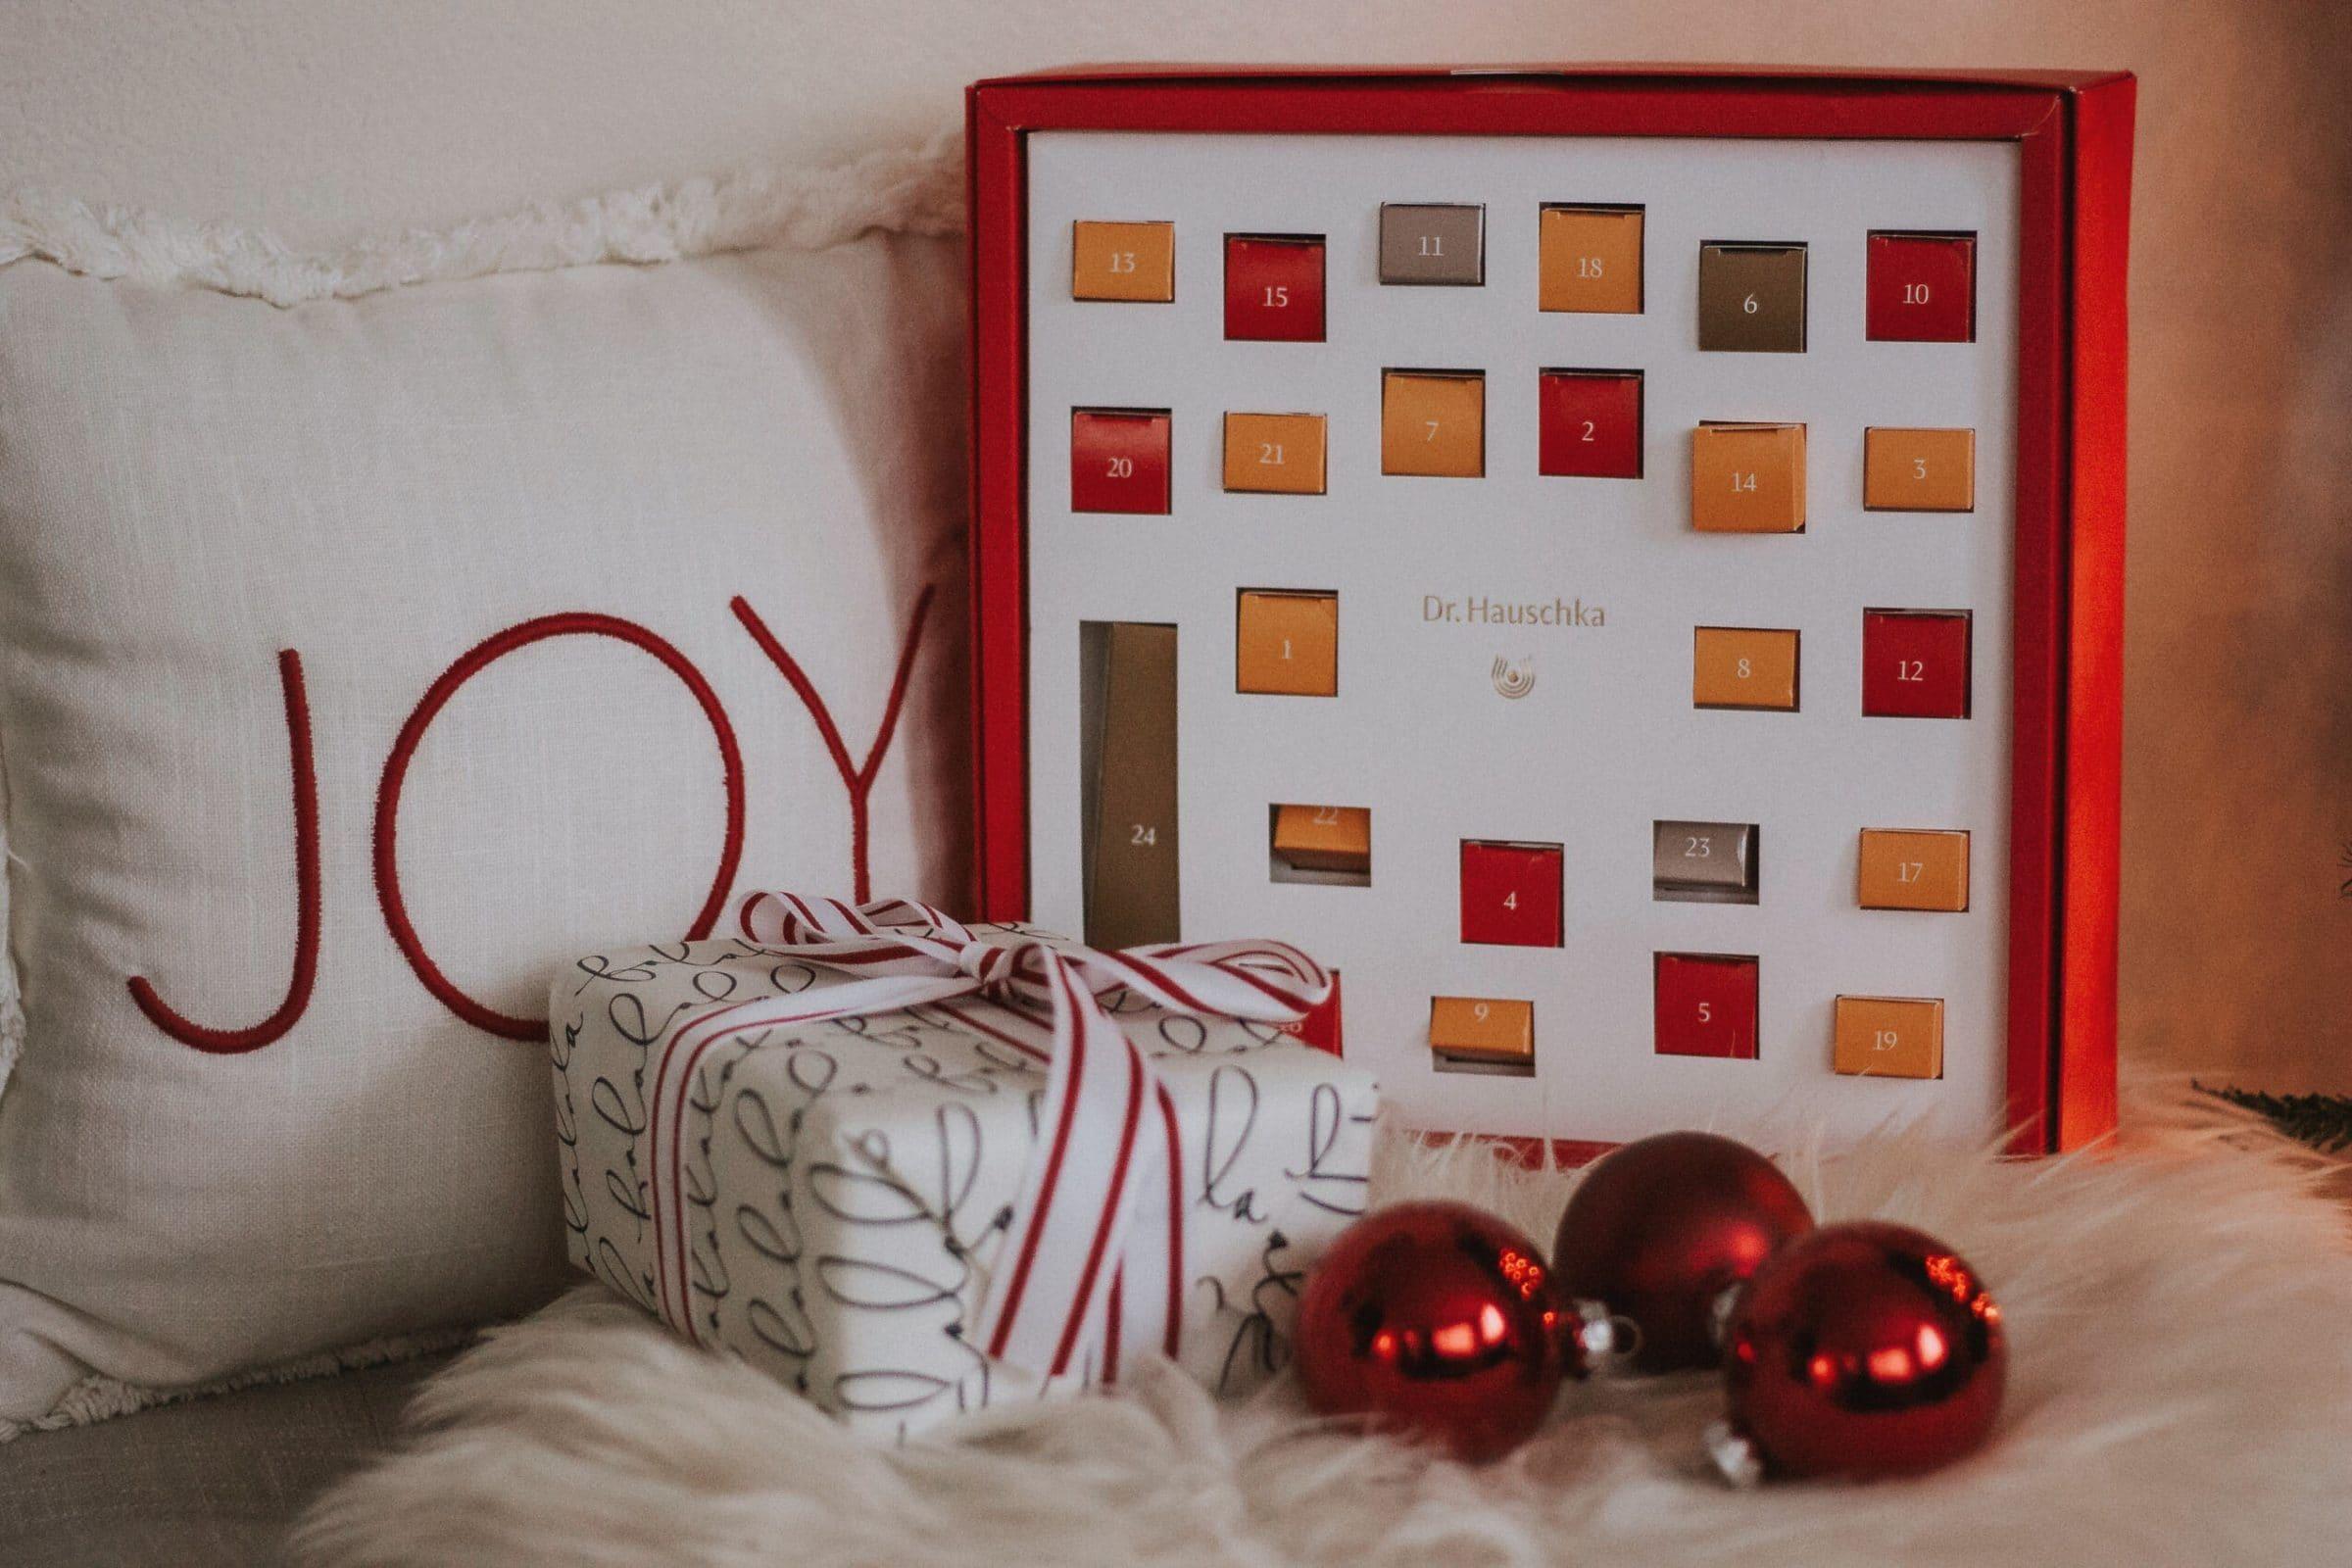 Dr. Hauschka Advent Calendar